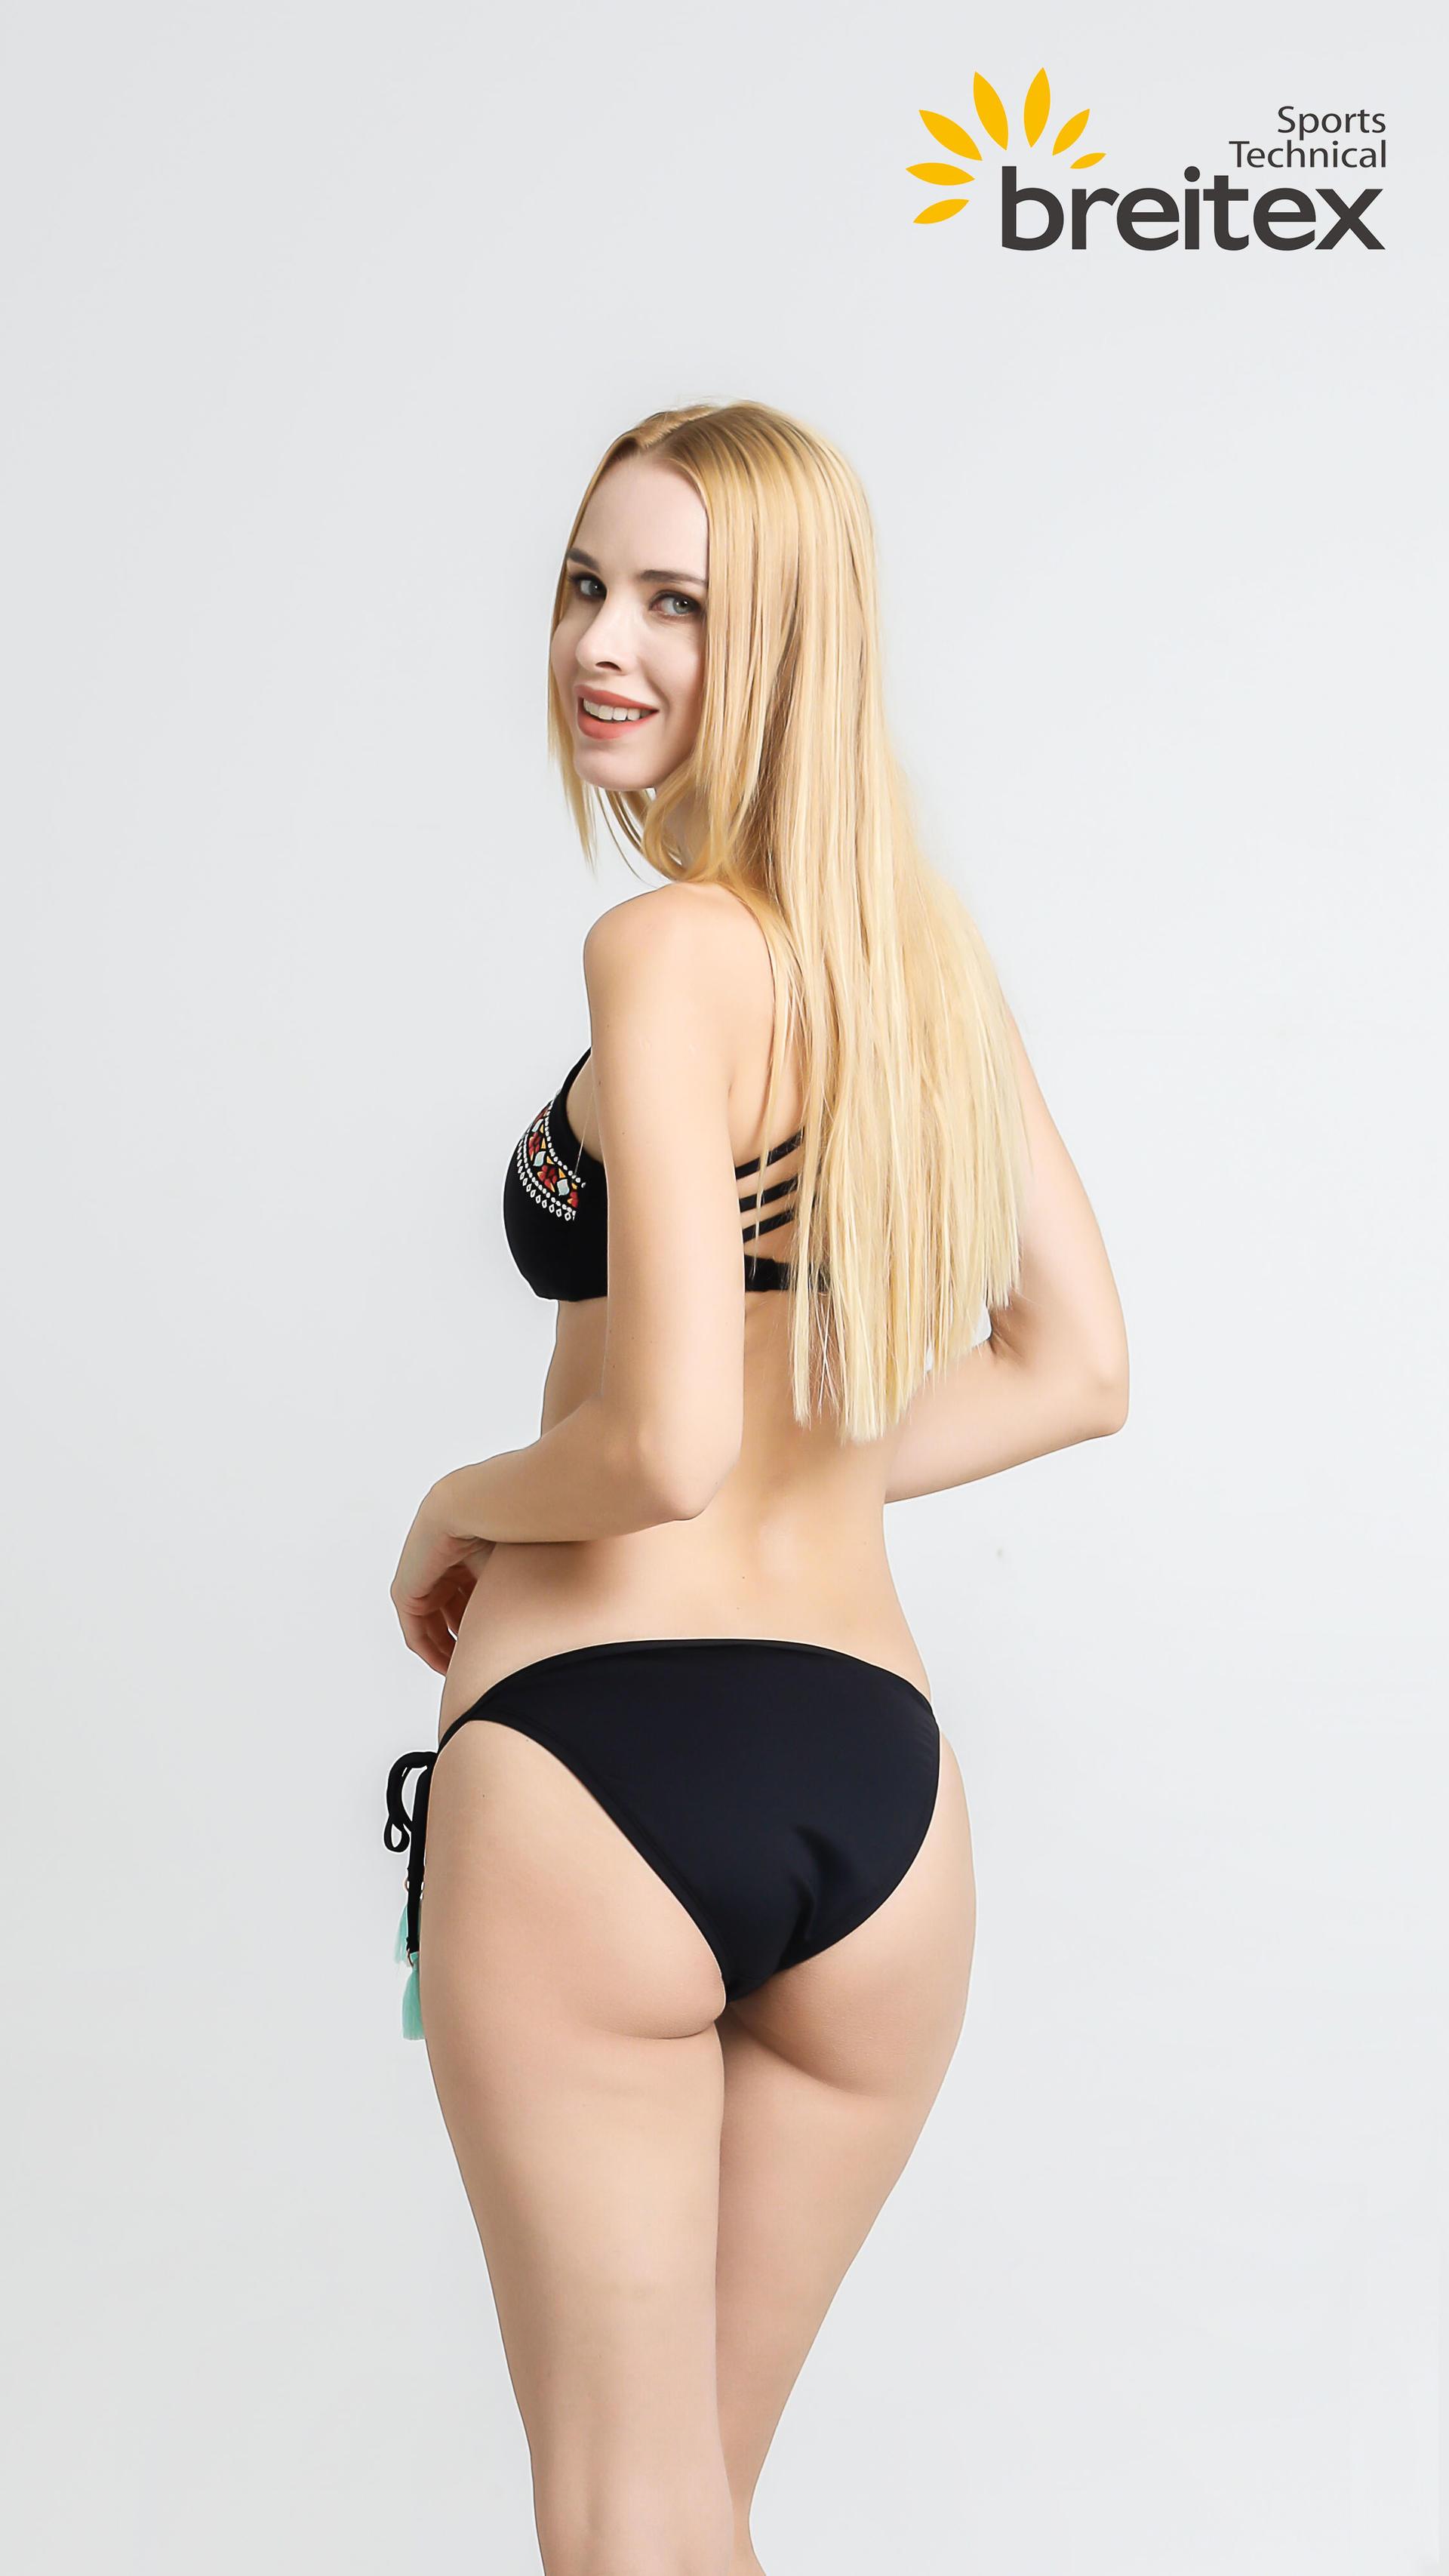 product-Ethnic Swimwear Women Retro Crop Halter Swimsuit Low Waist Bottom Two Piece Bikini - Foam Pr-1